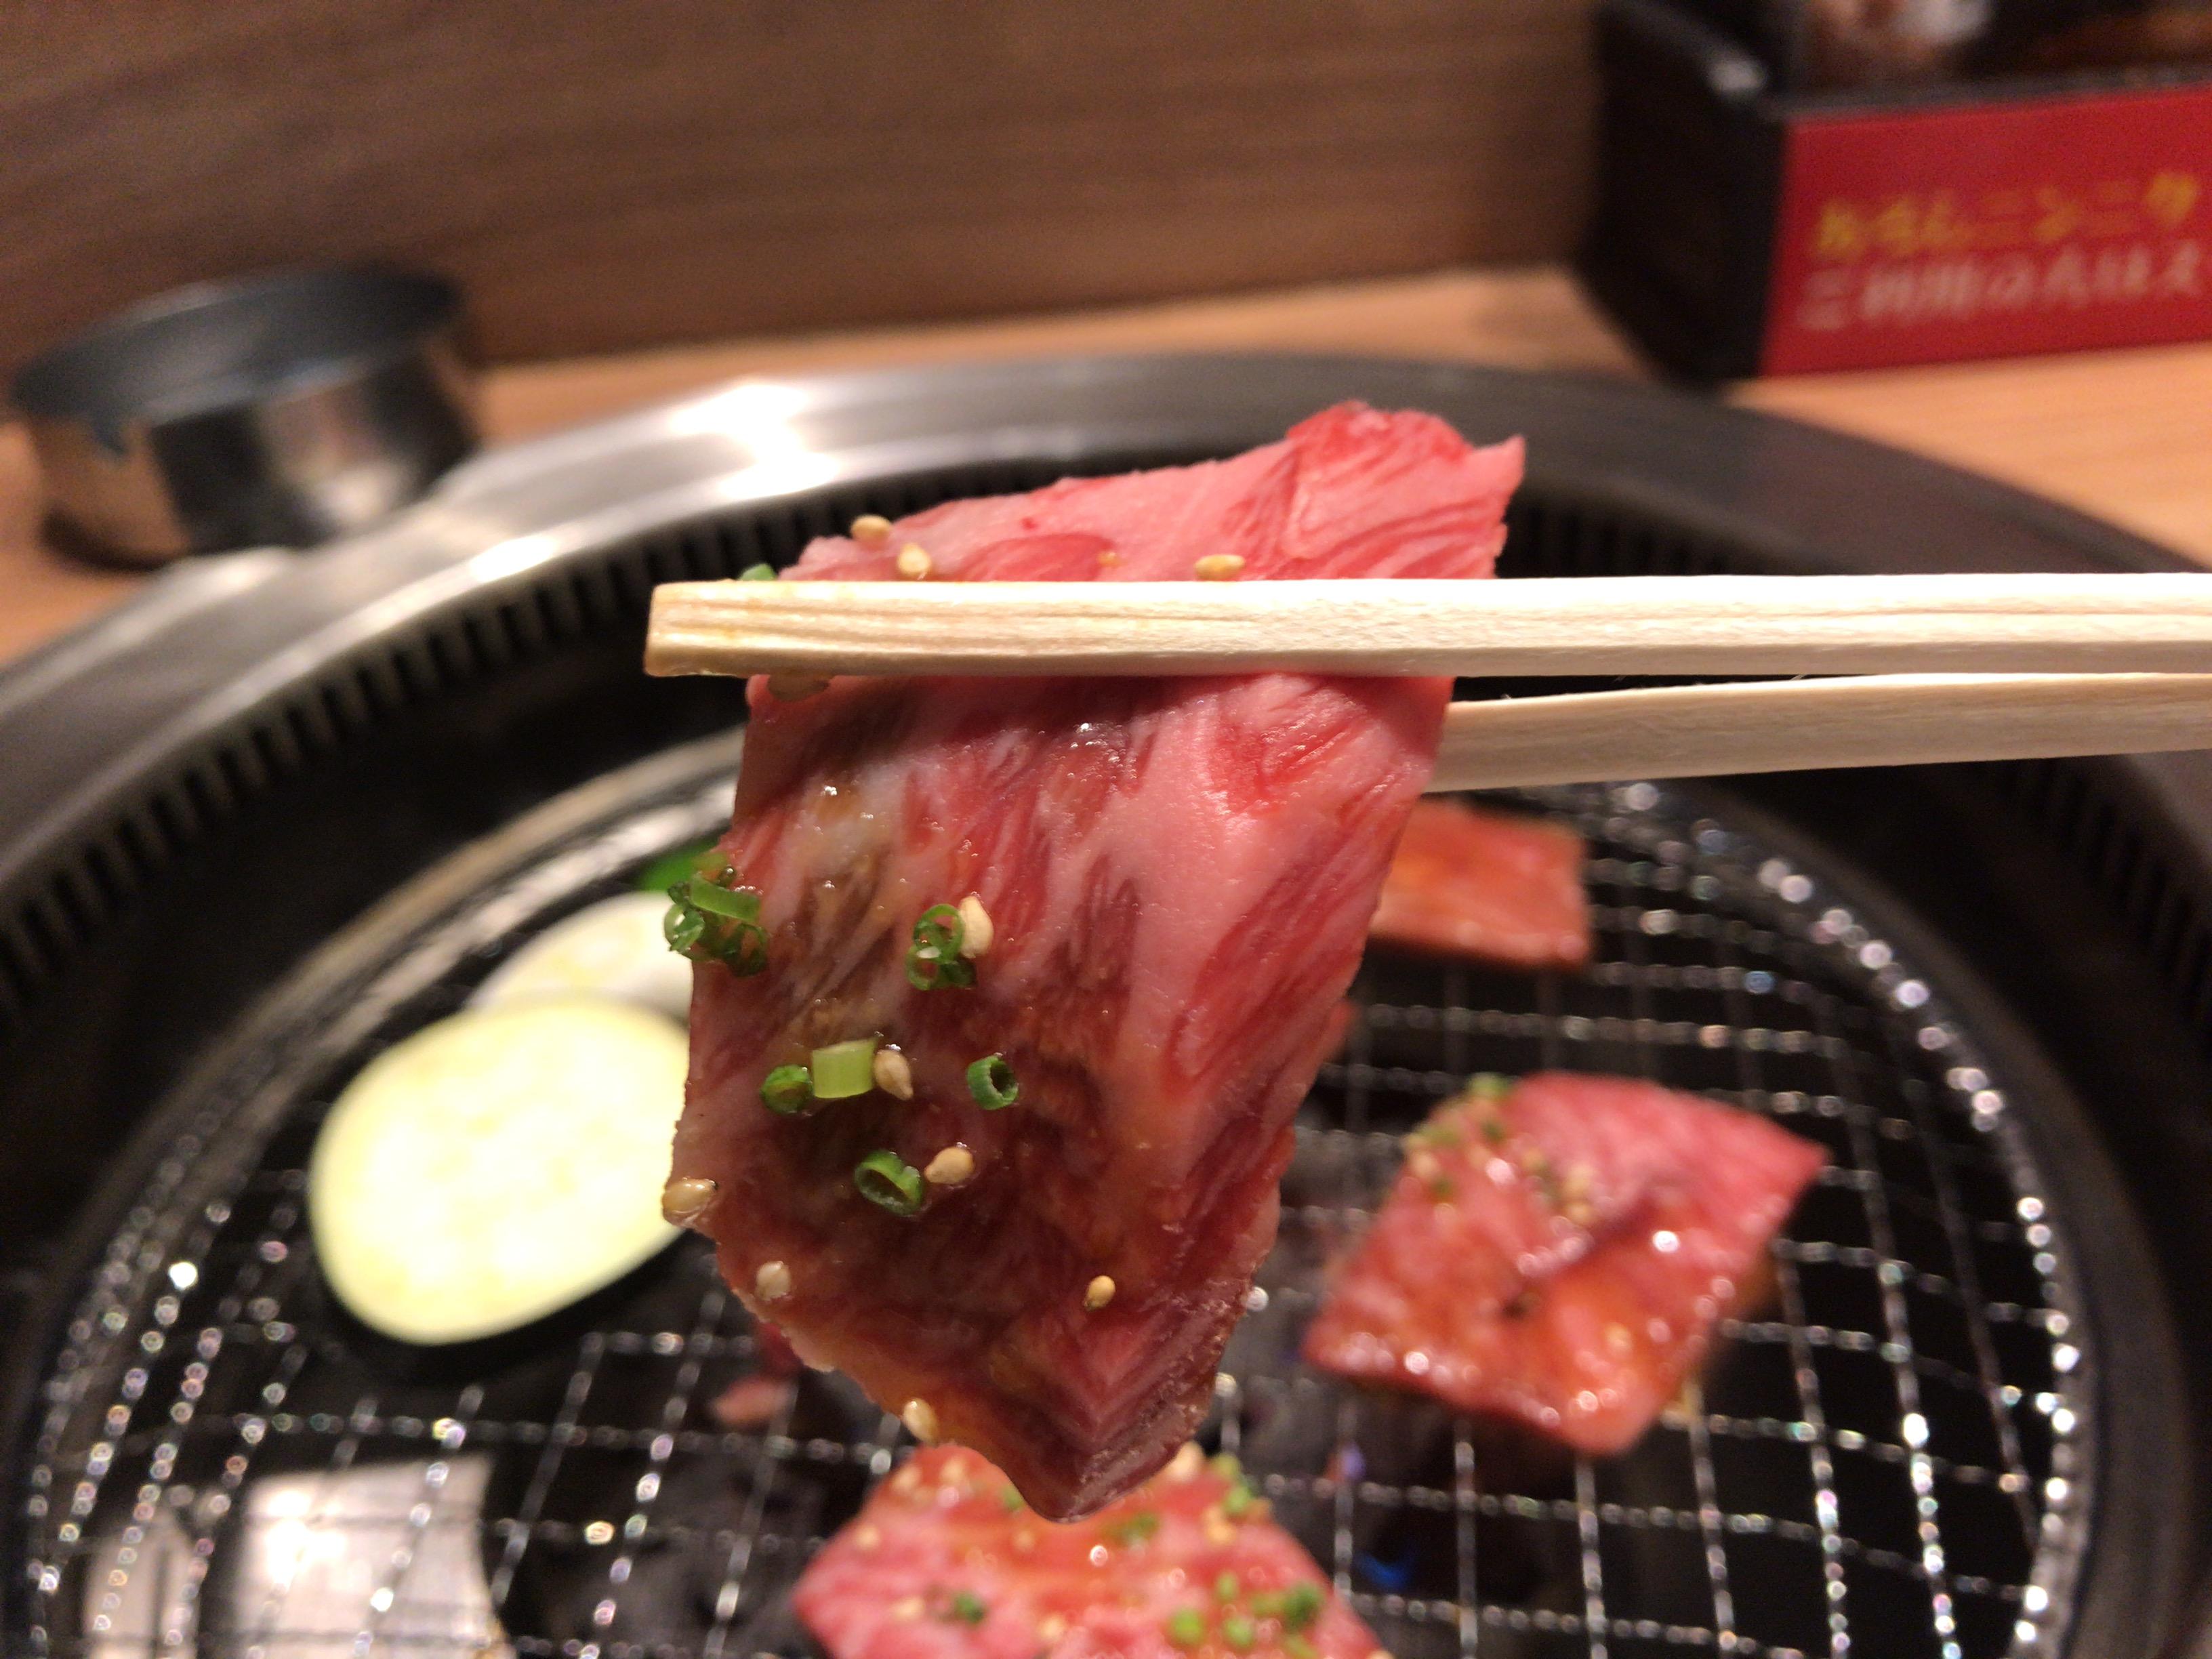 大和八木駅で焼肉ランチができる将福のお肉アップ